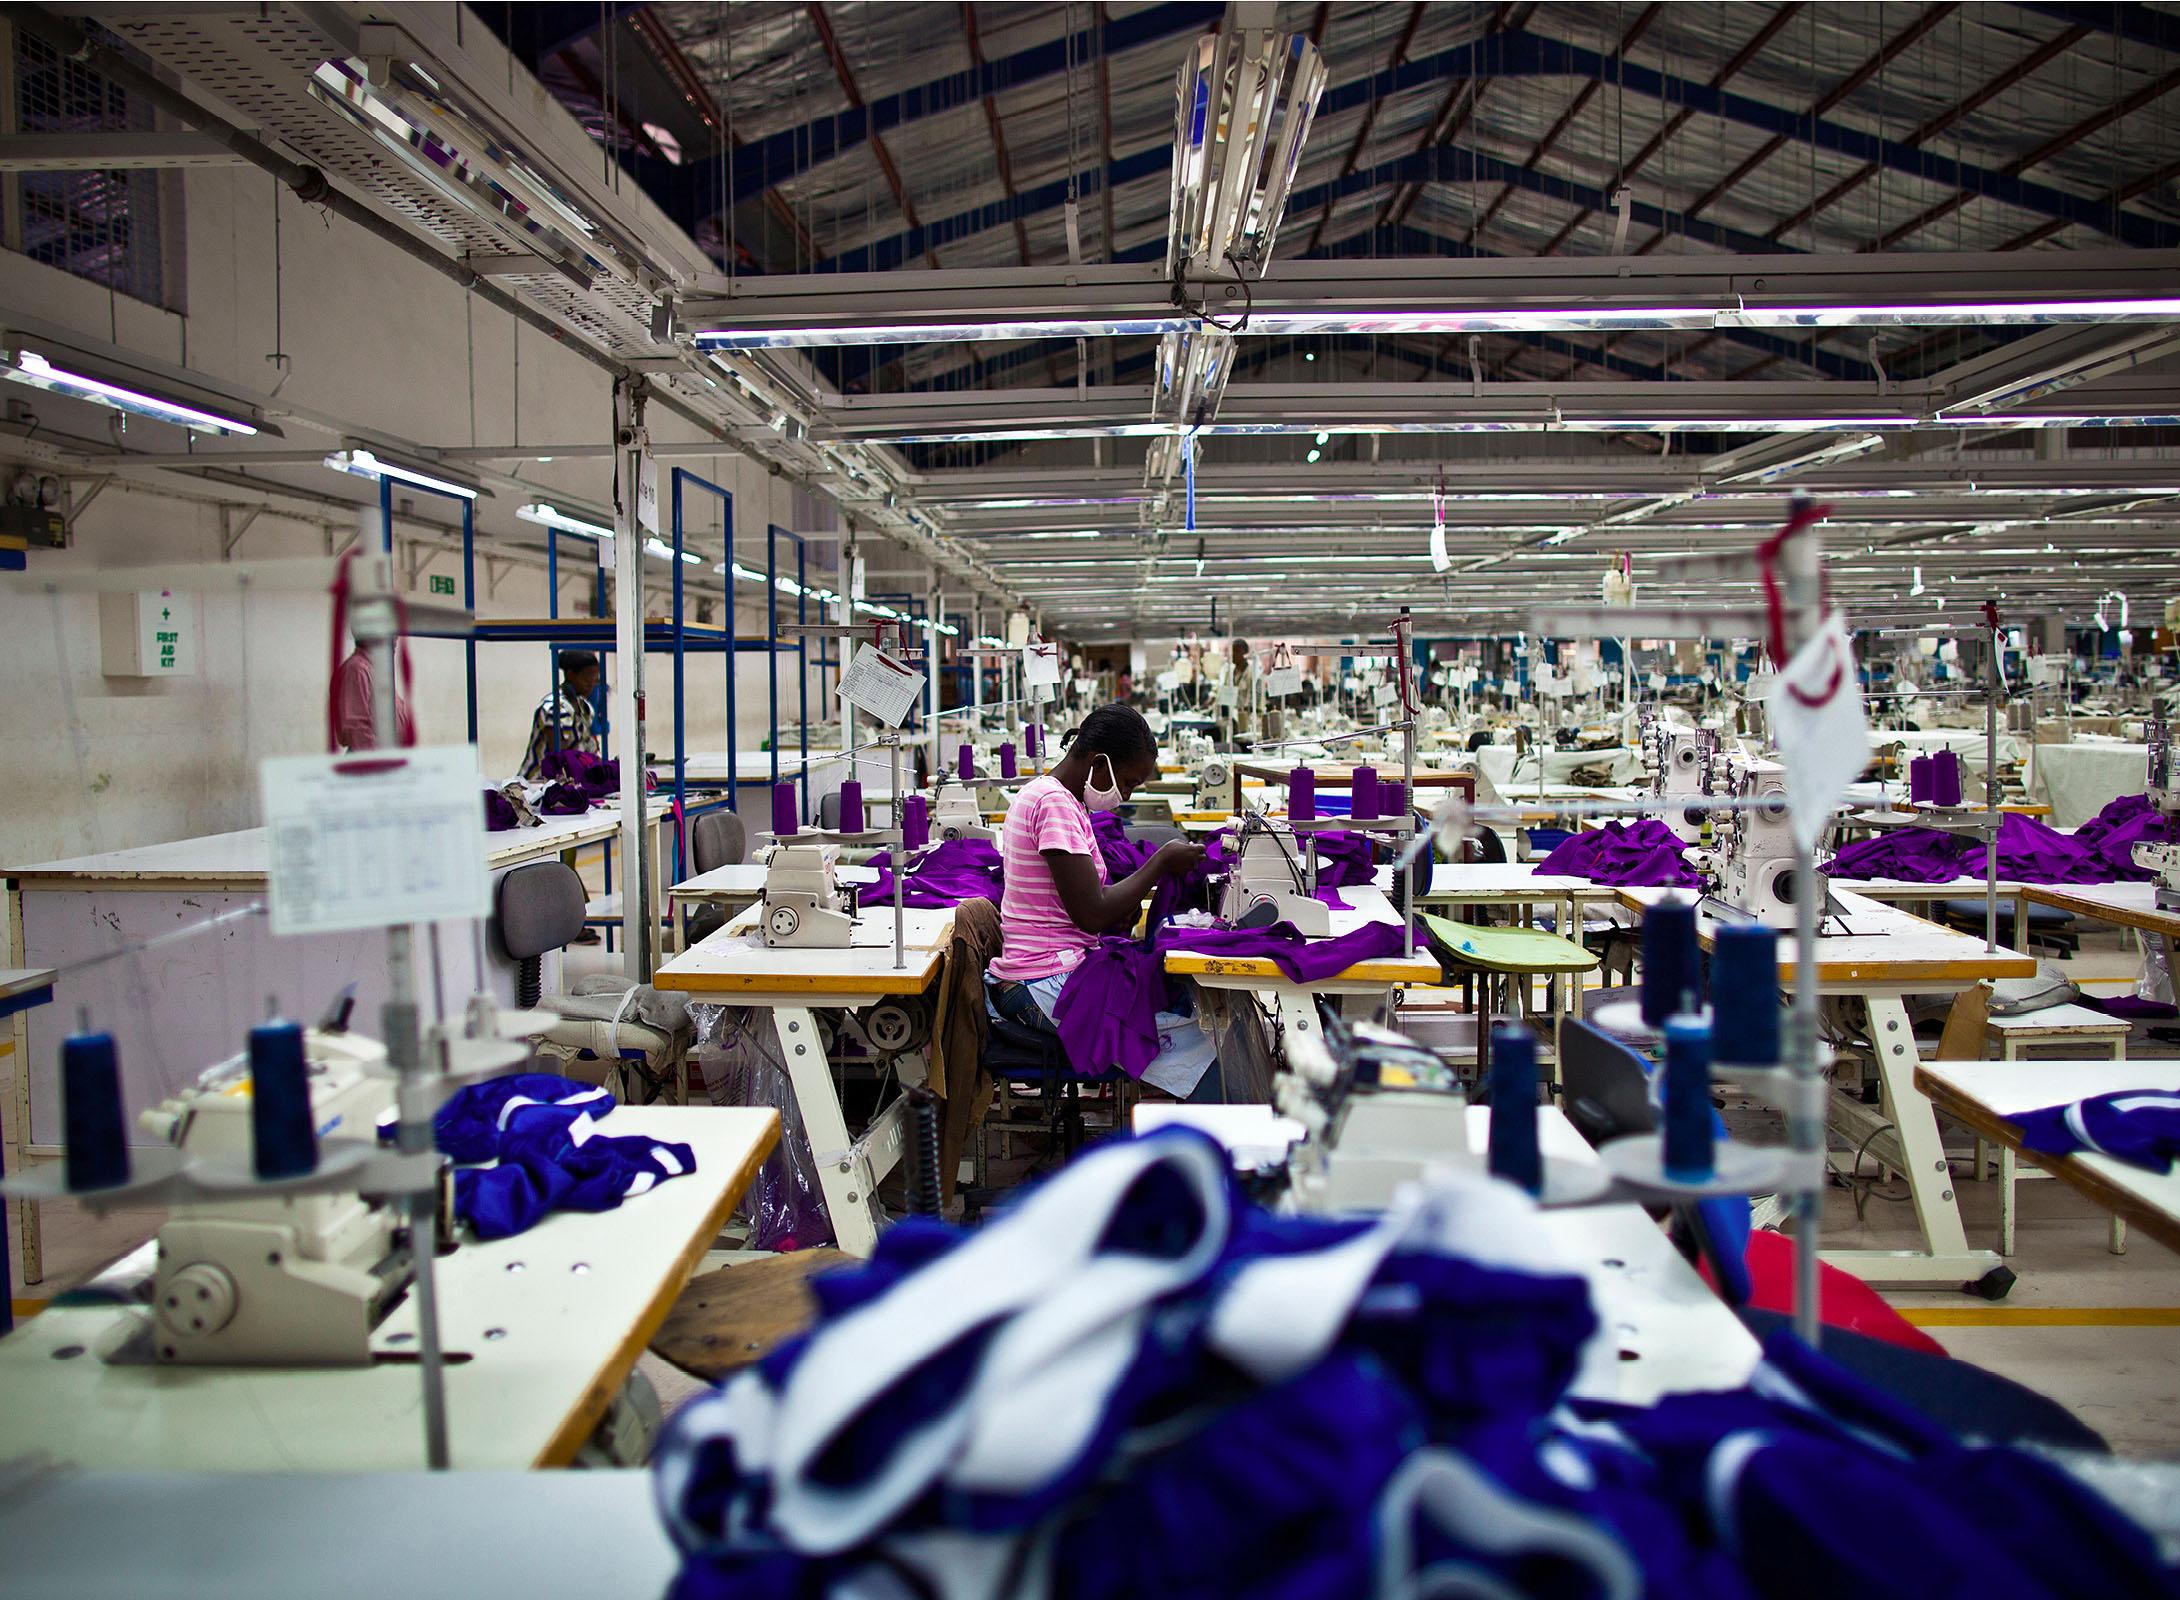 Kenya Apparel Sourcing Image Courtesy Of Fashionatingworld